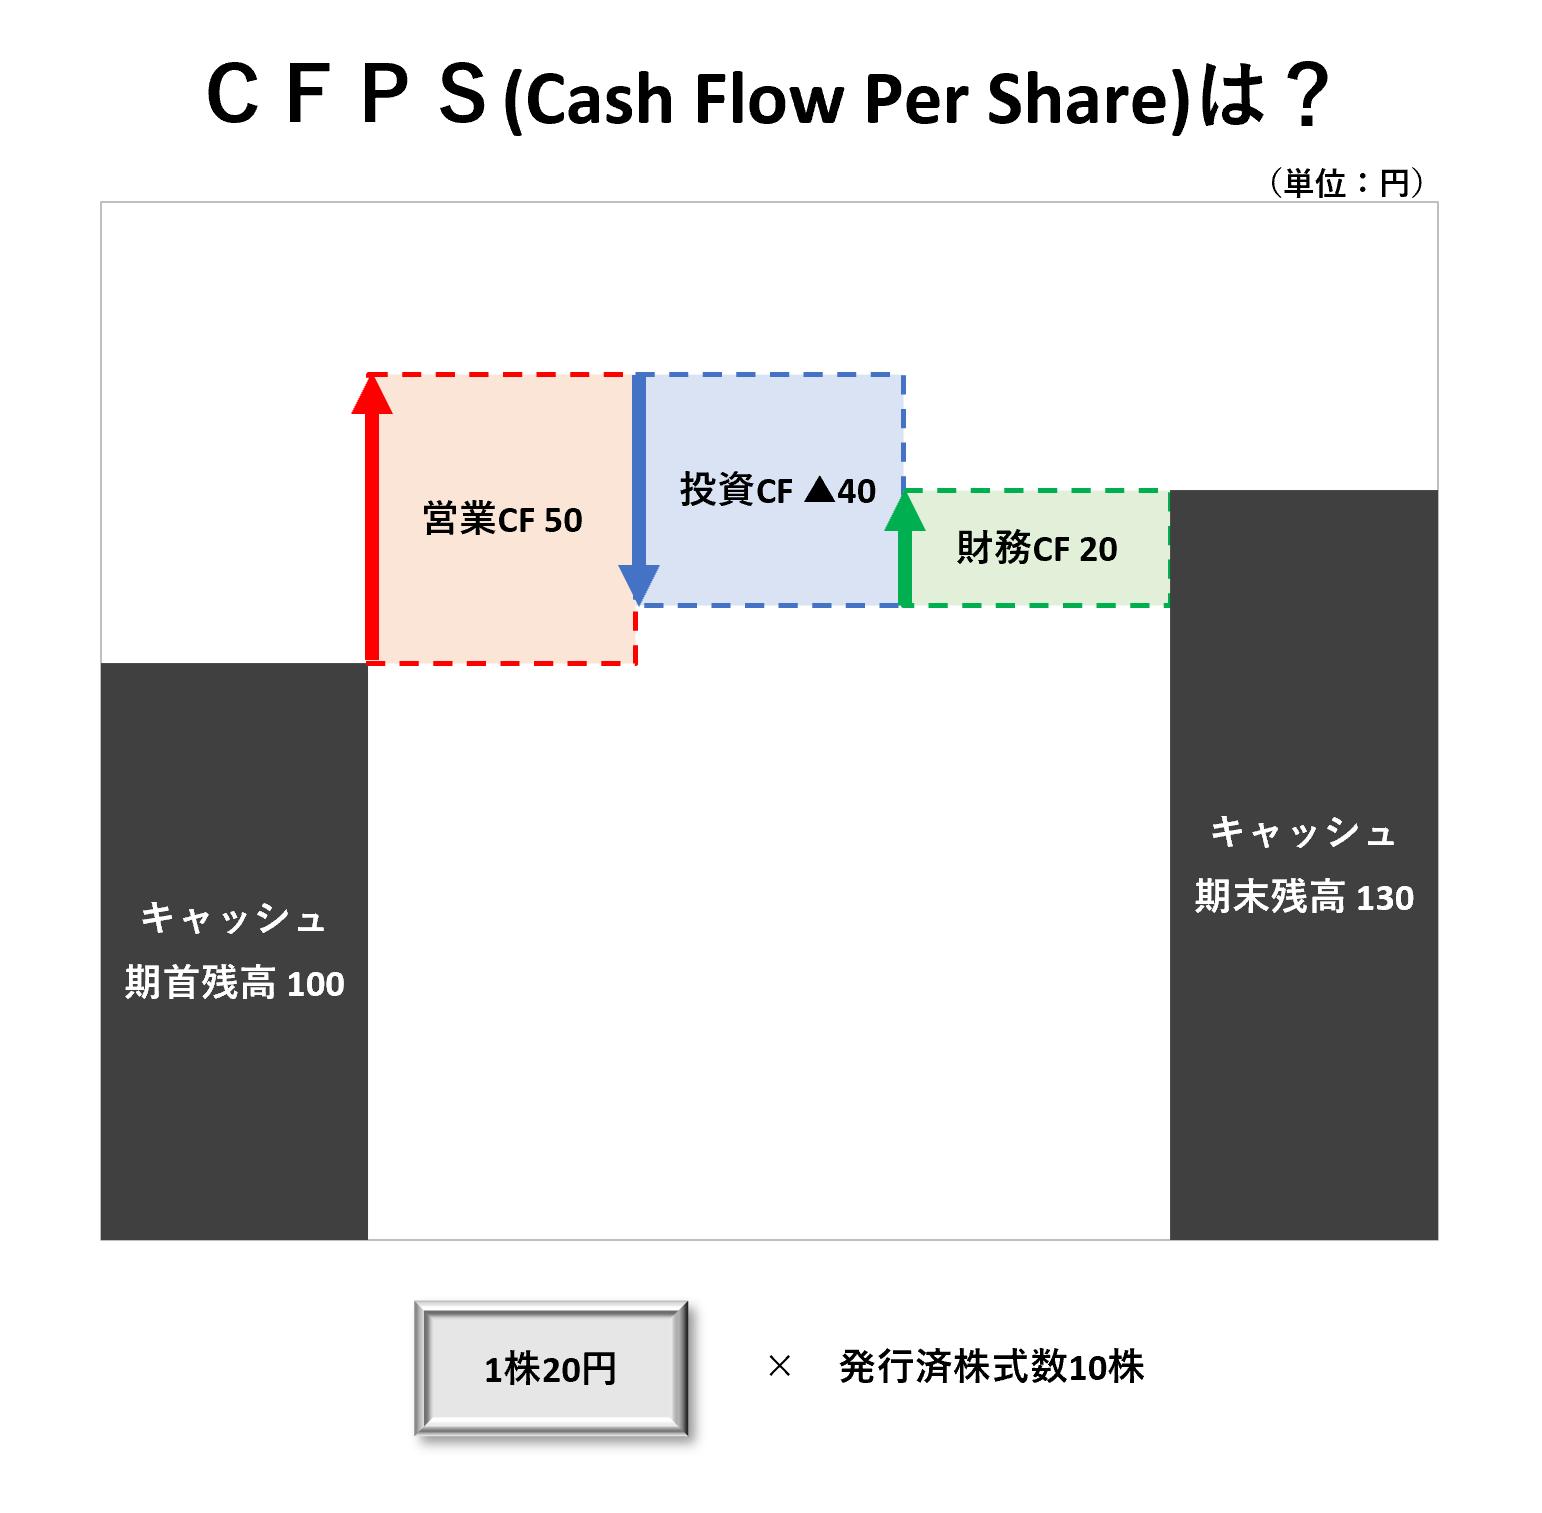 1株当たり分析(2級):CFPSー問題